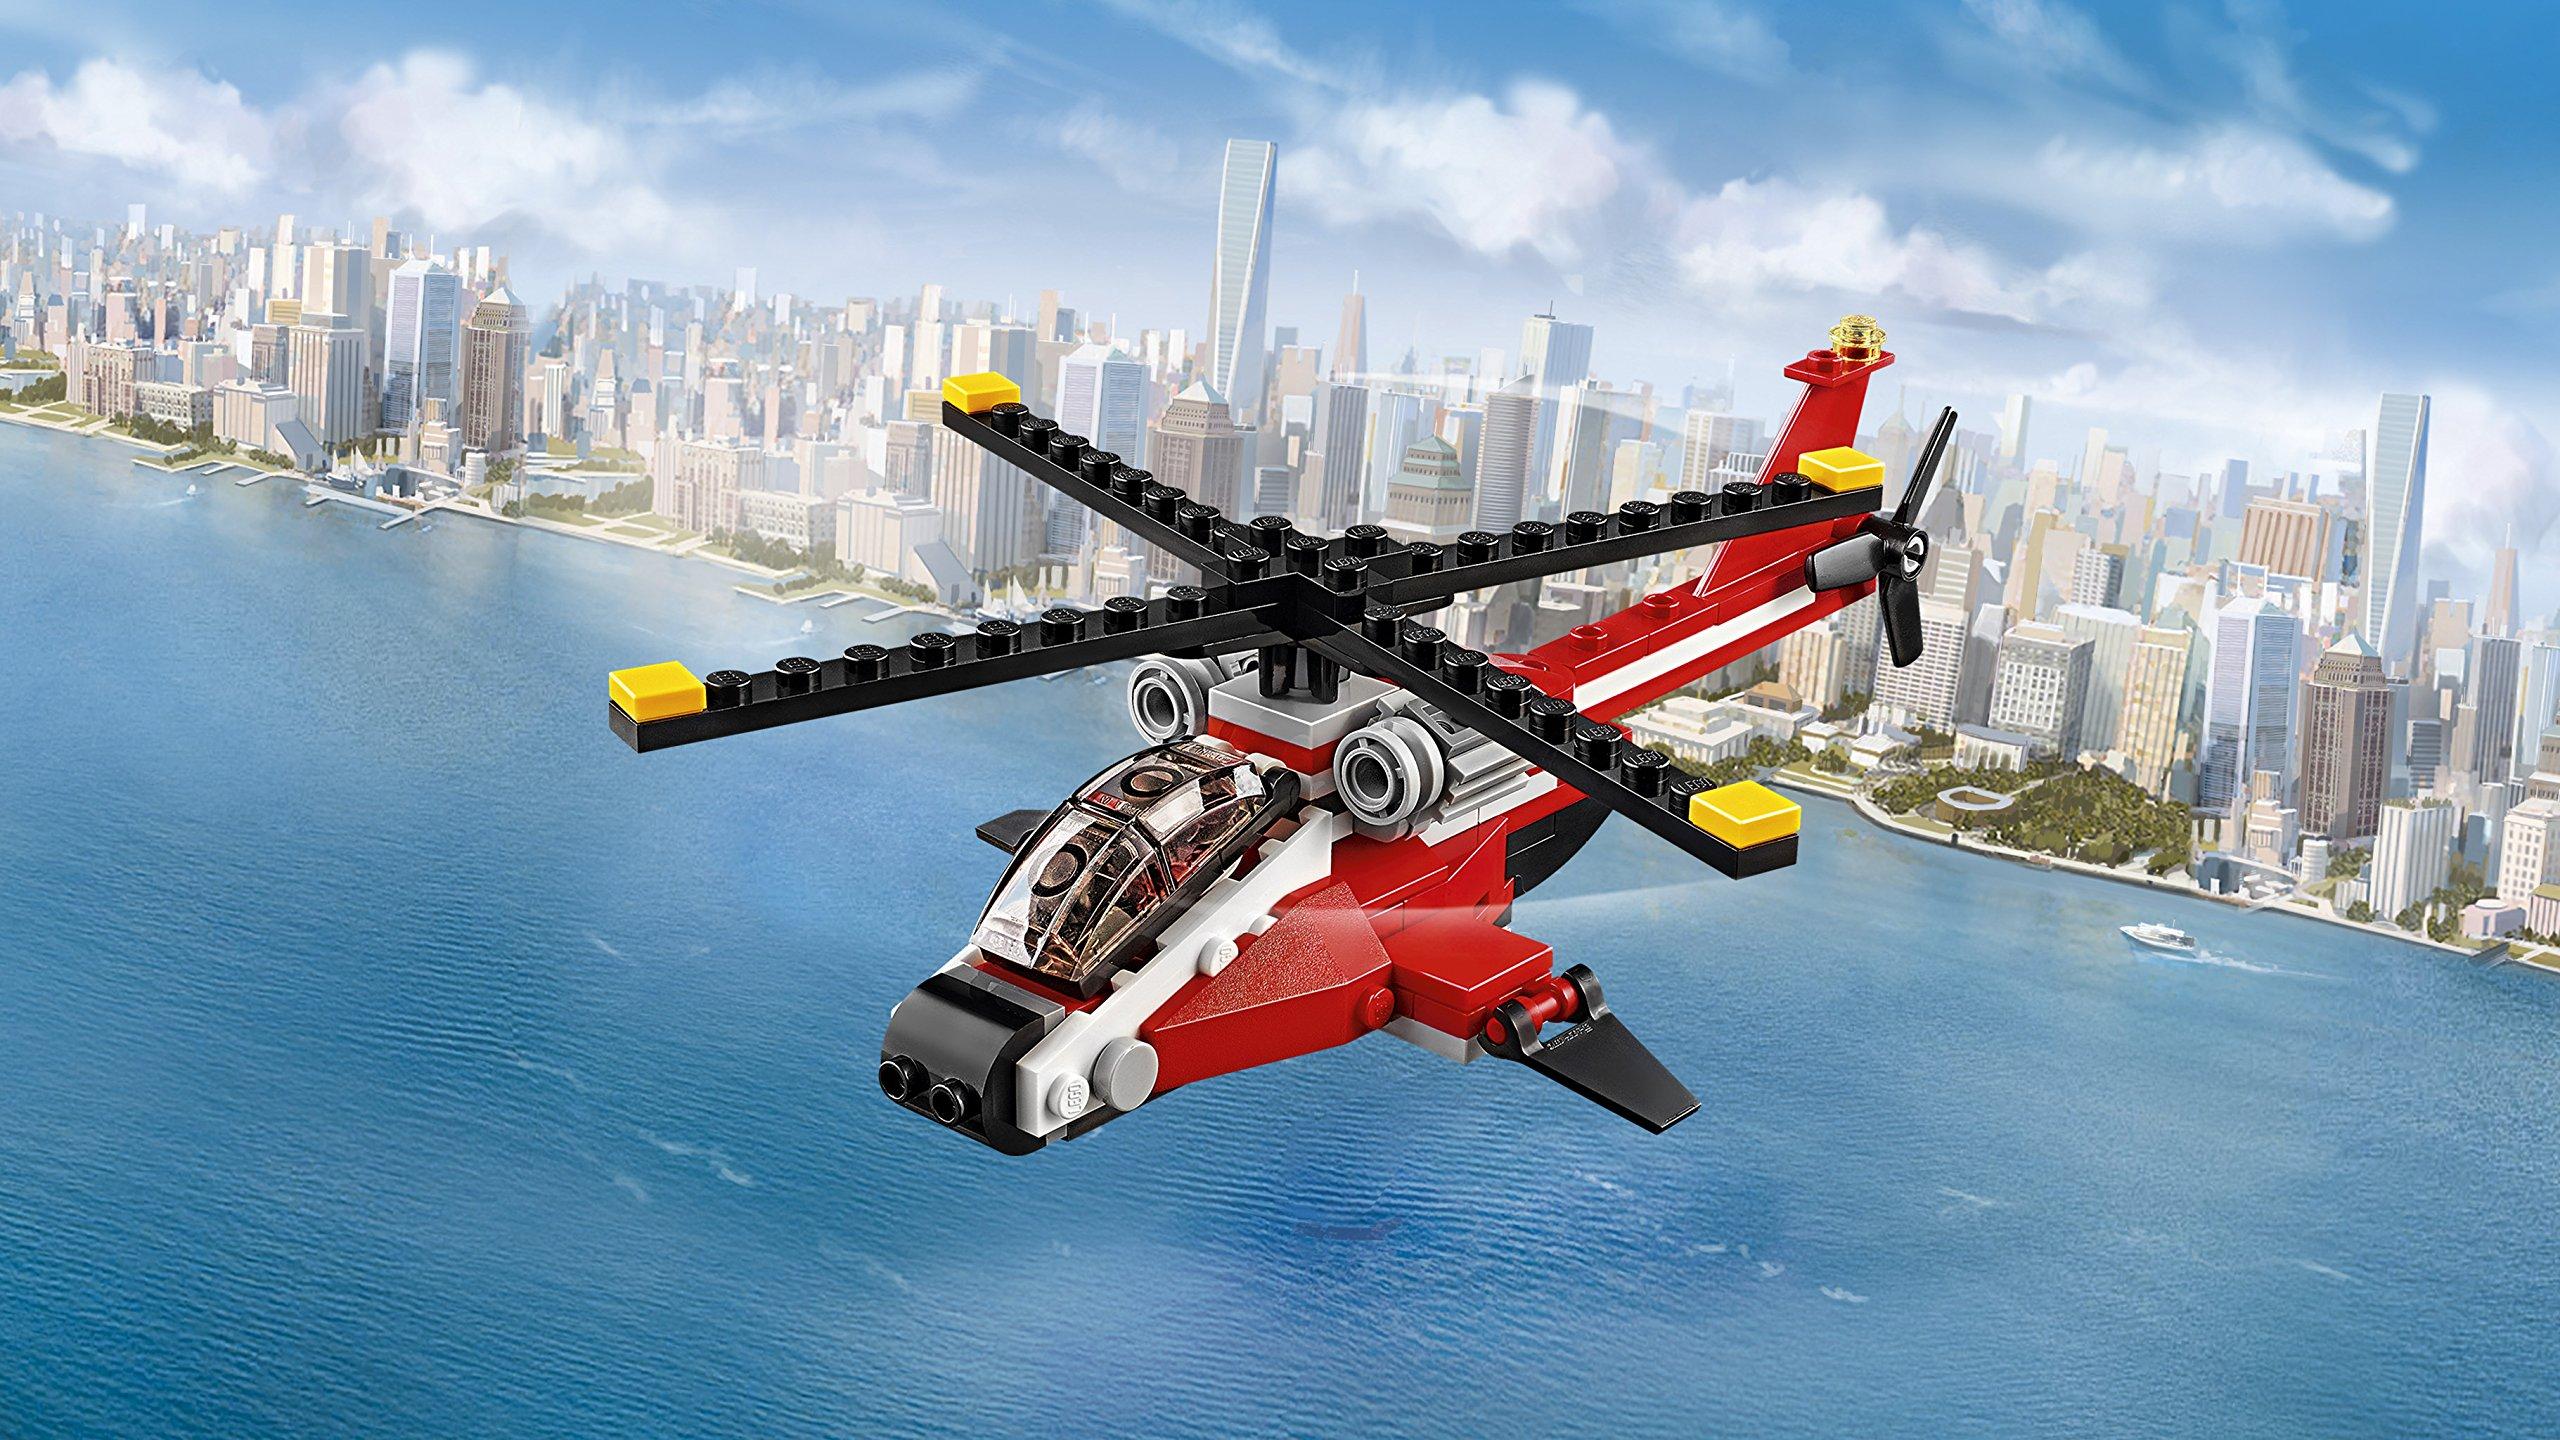 LEGO- Creator Elicottero di Soccorso Costruzioni Piccole Gioco Bambina Giocattolo, Multicolore, 31057 3 spesavip